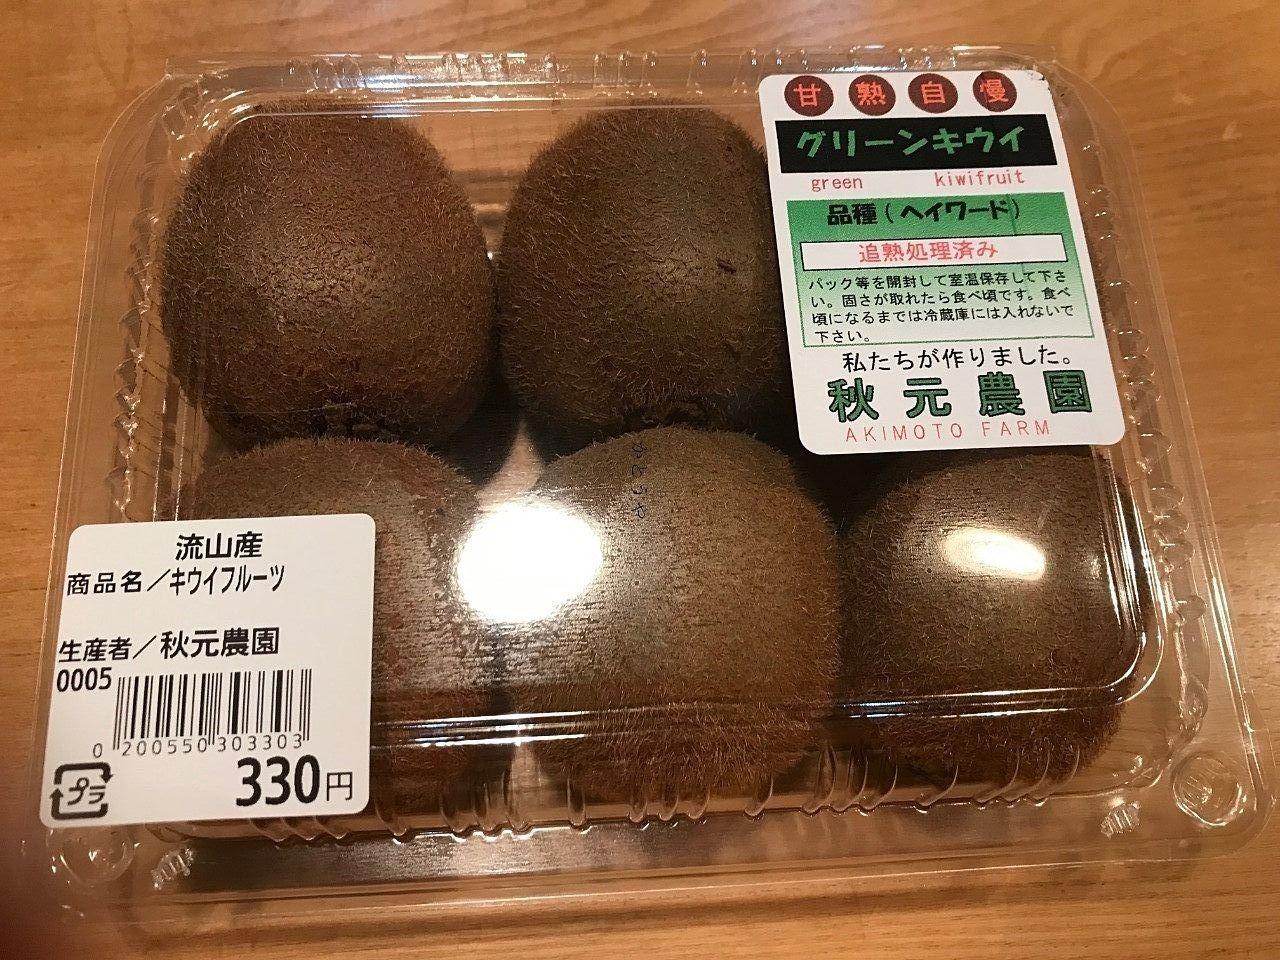 キウイの時期です!新鮮食味さんで秋元農園さんのキウイ発見。